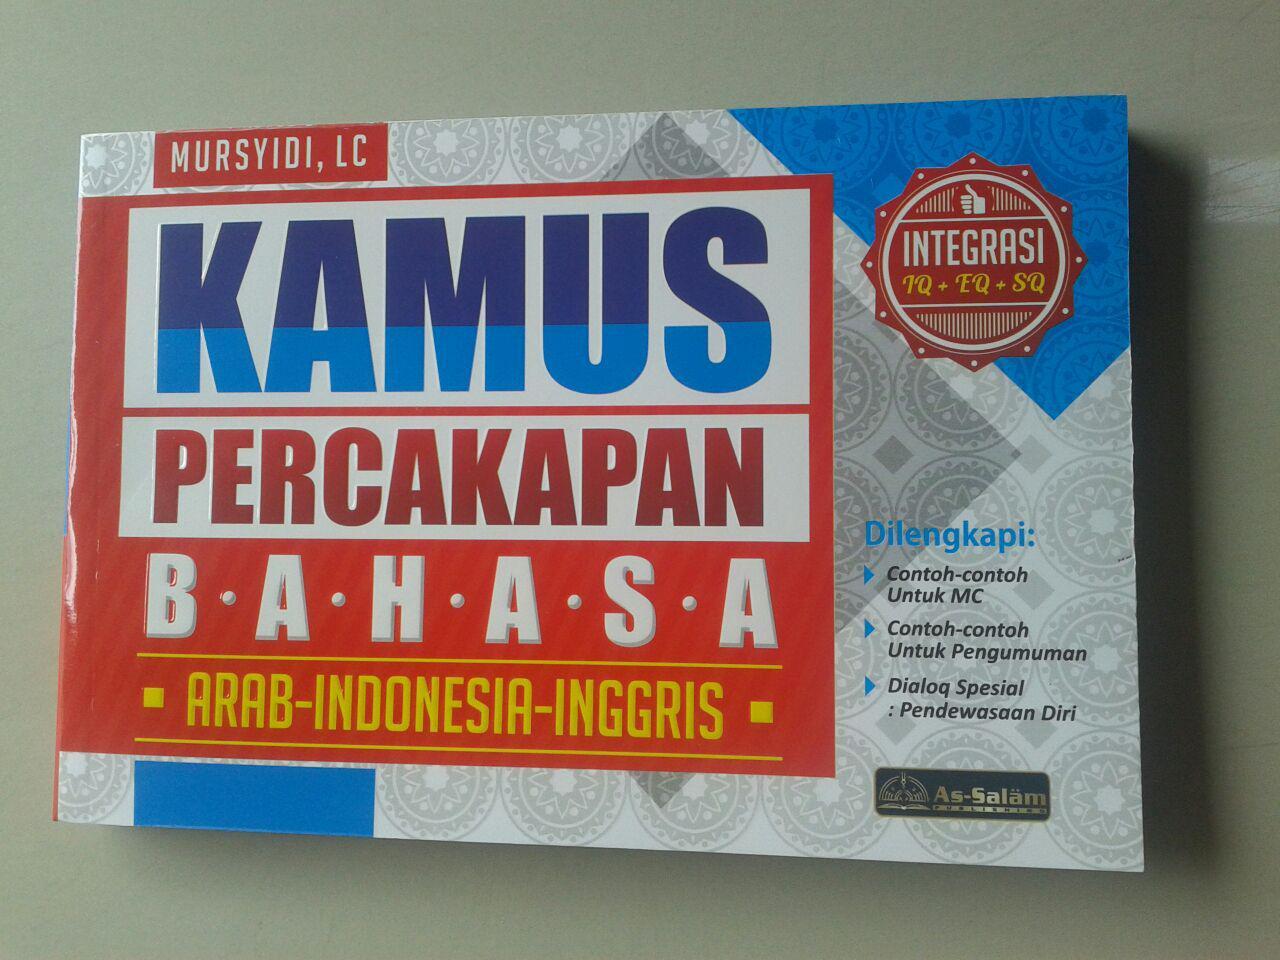 Buku Kamus Percakapan Bahasa Arab-Indonesia-Inggris cover 2